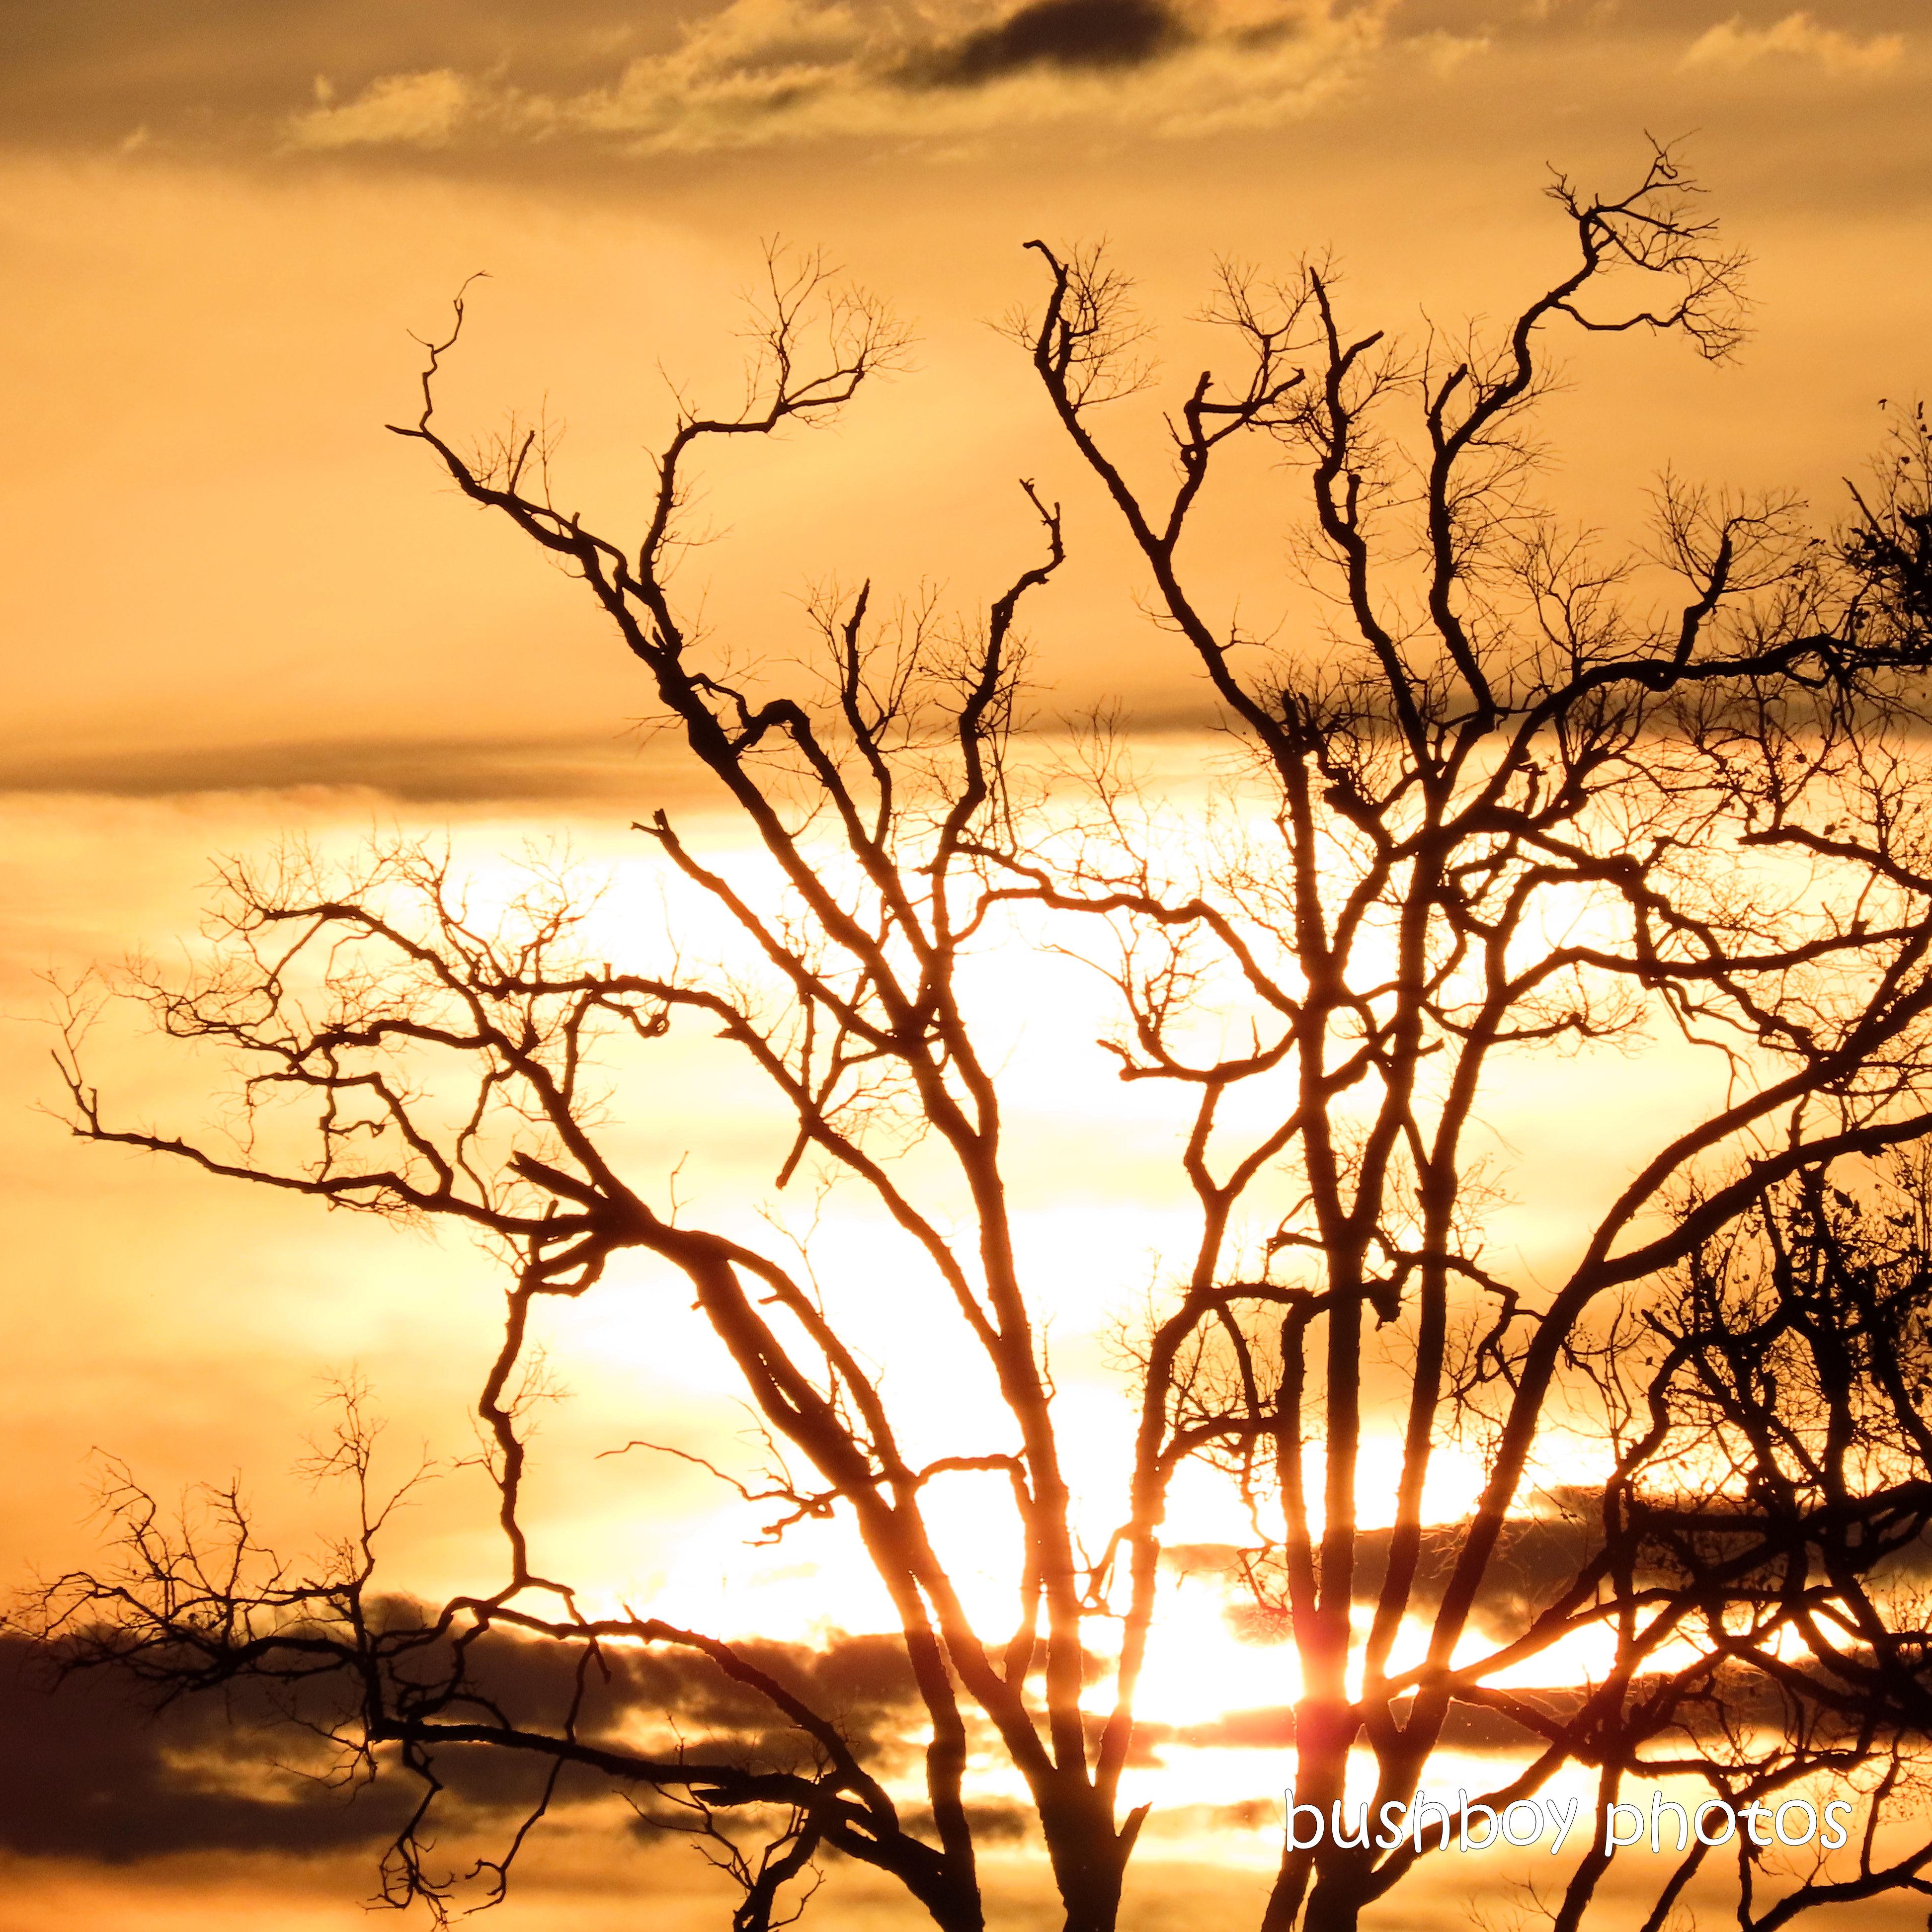 202001_blog challenge_light_sunset_tree